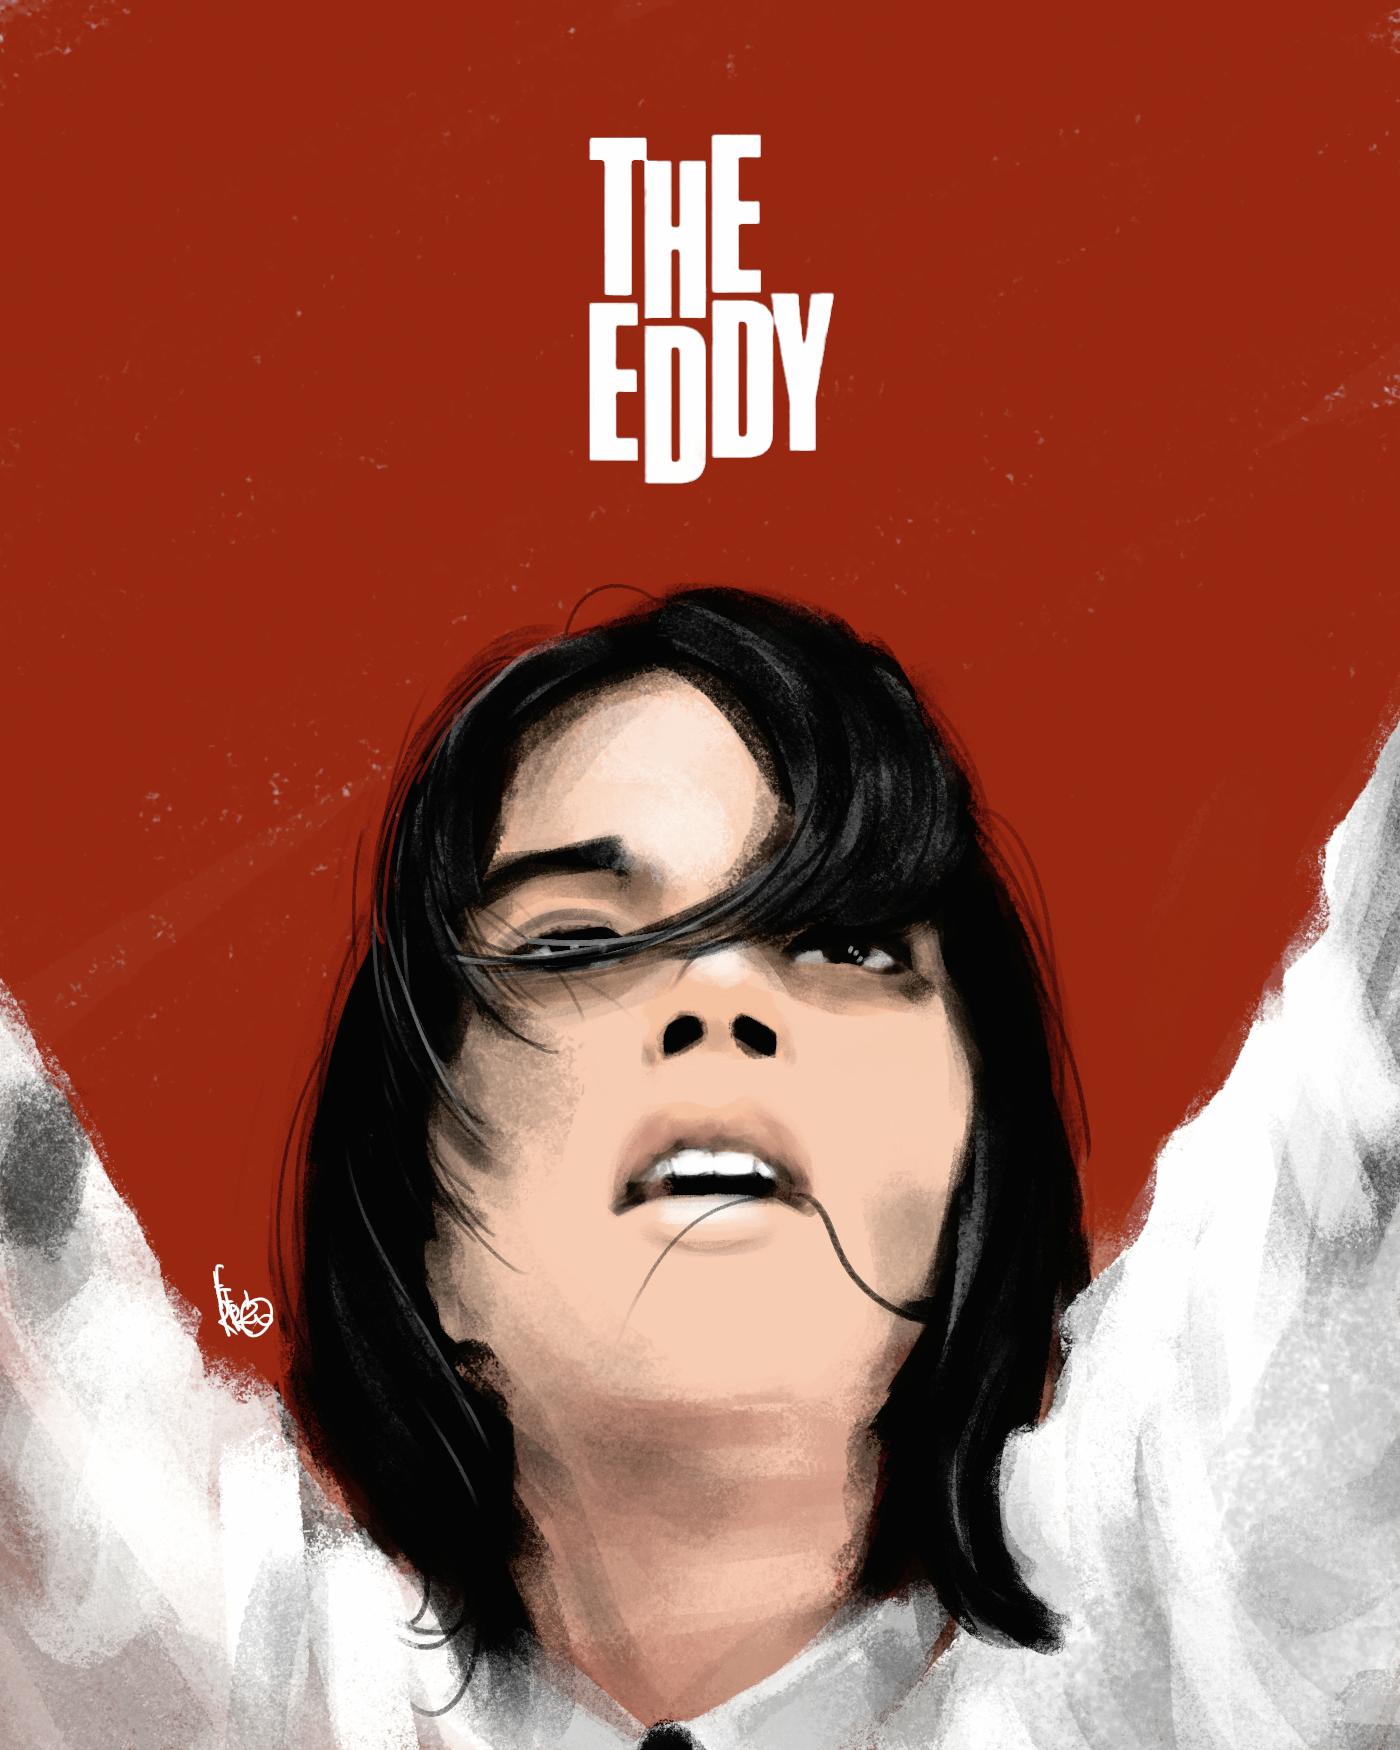 Riccardo Ferrari - The Eddy (2020)